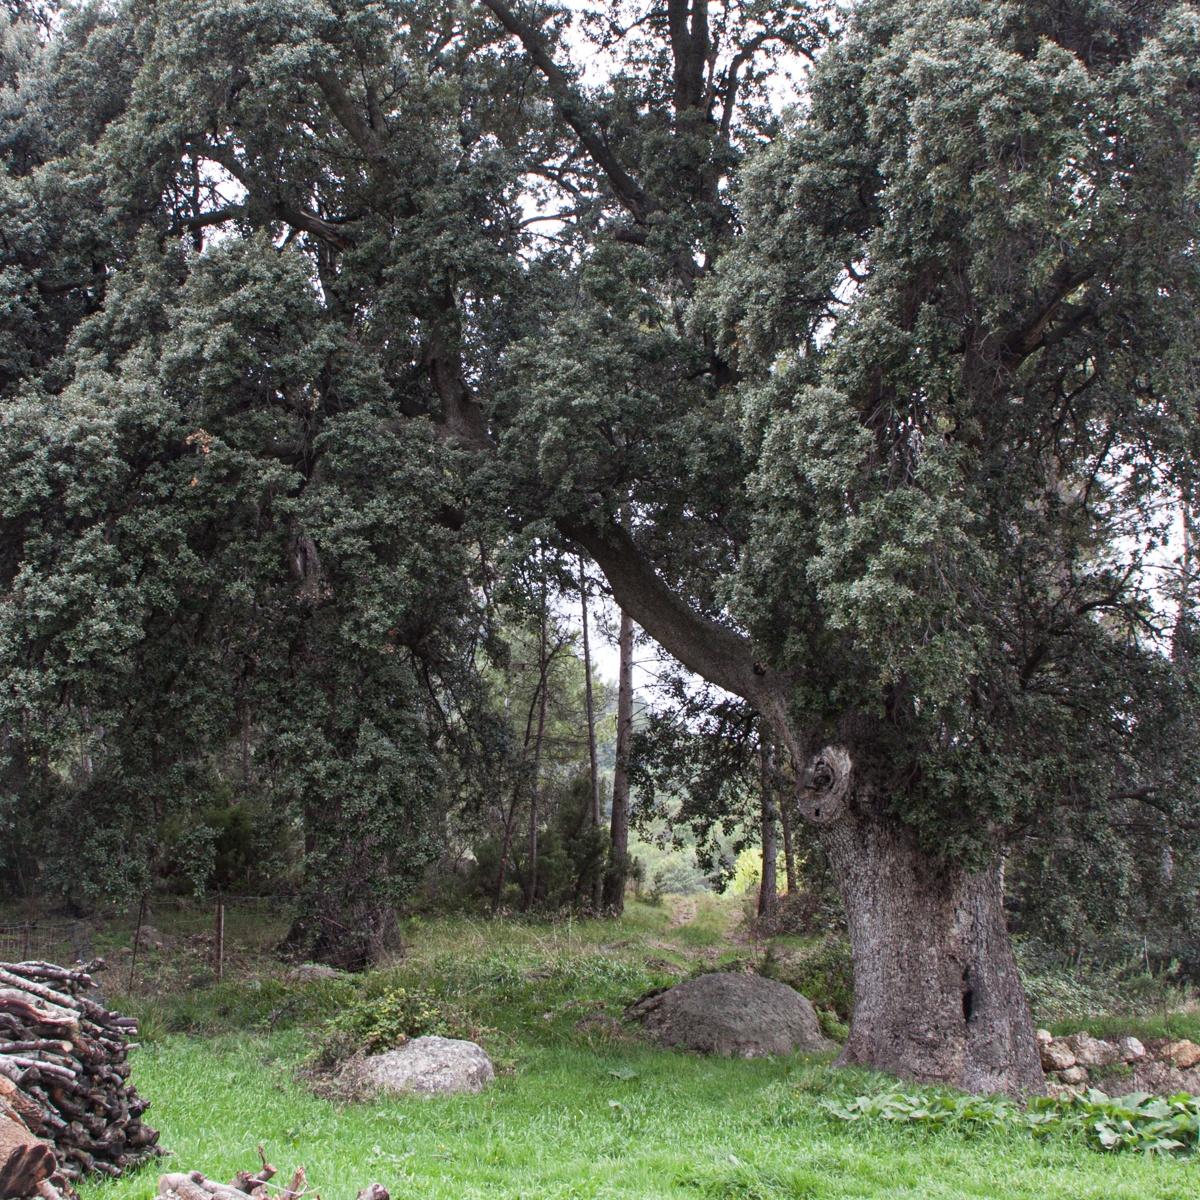 Les Carrasques de Micolau - Arbres de les nostres terres - LLUIS IBAÑEZ MELIA, Geografies als Ports Maestrat